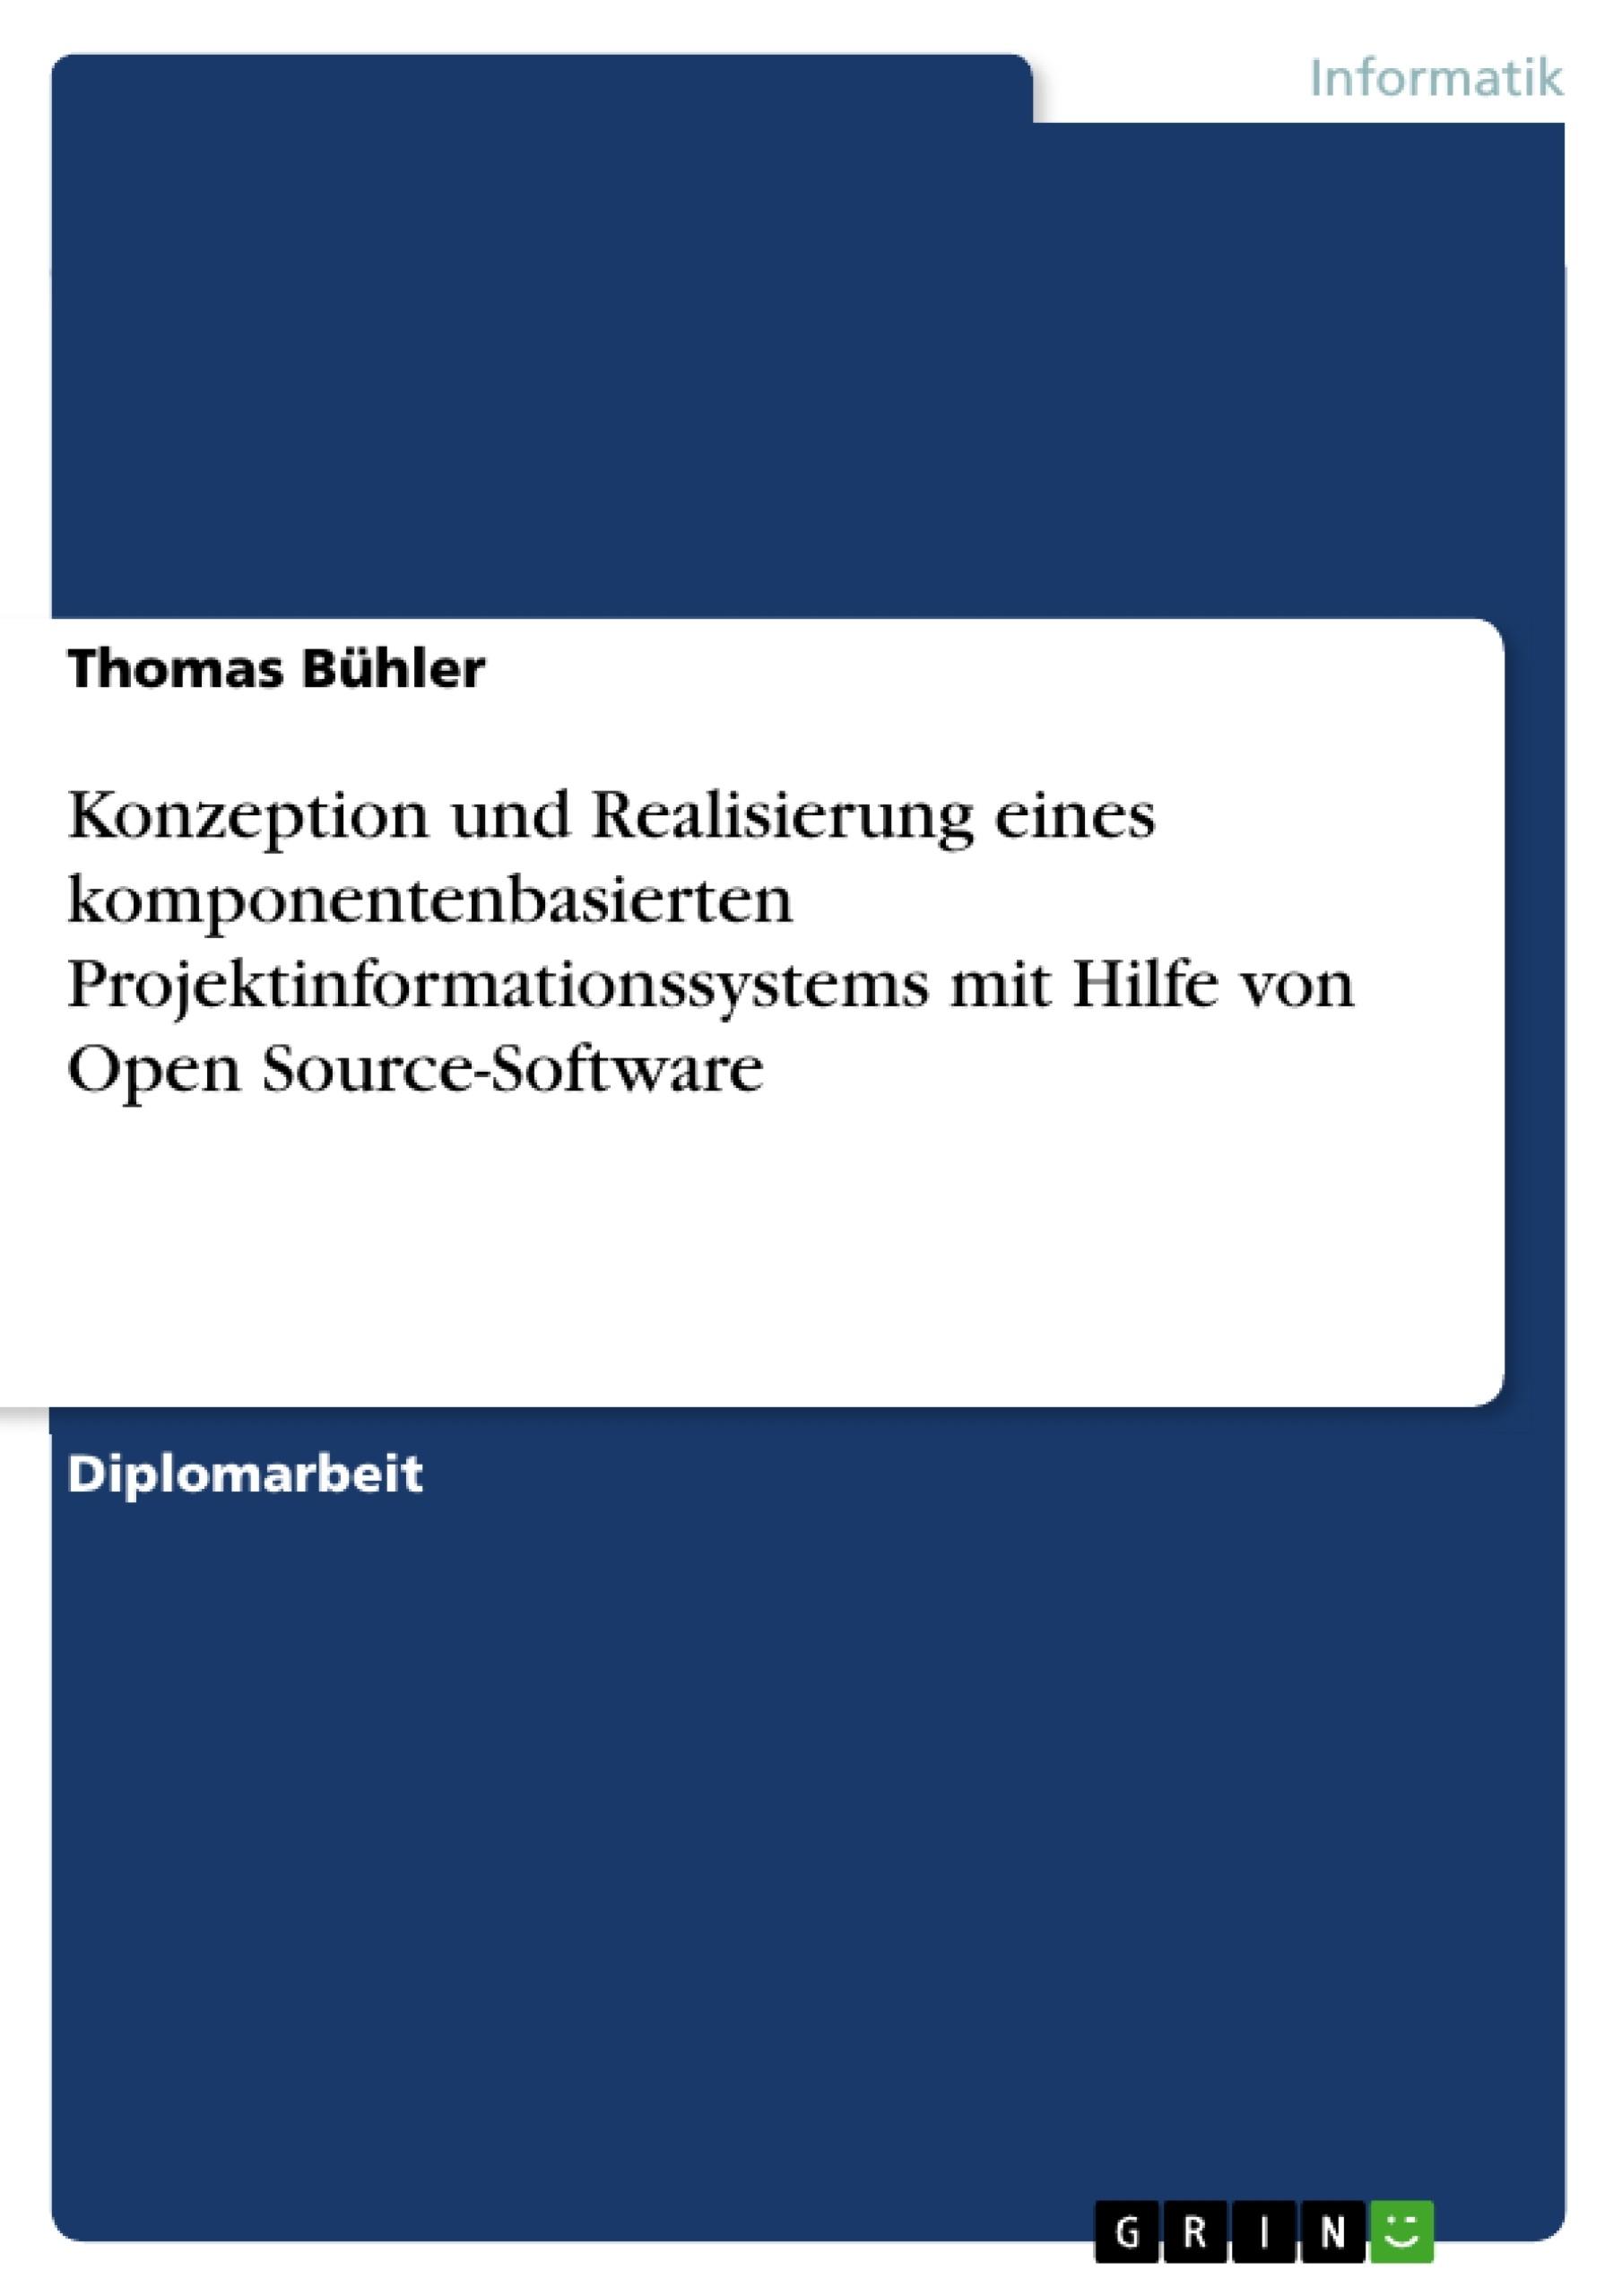 Titel: Konzeption und Realisierung eines komponentenbasierten Projektinformationssystems mit Hilfe von Open Source-Software